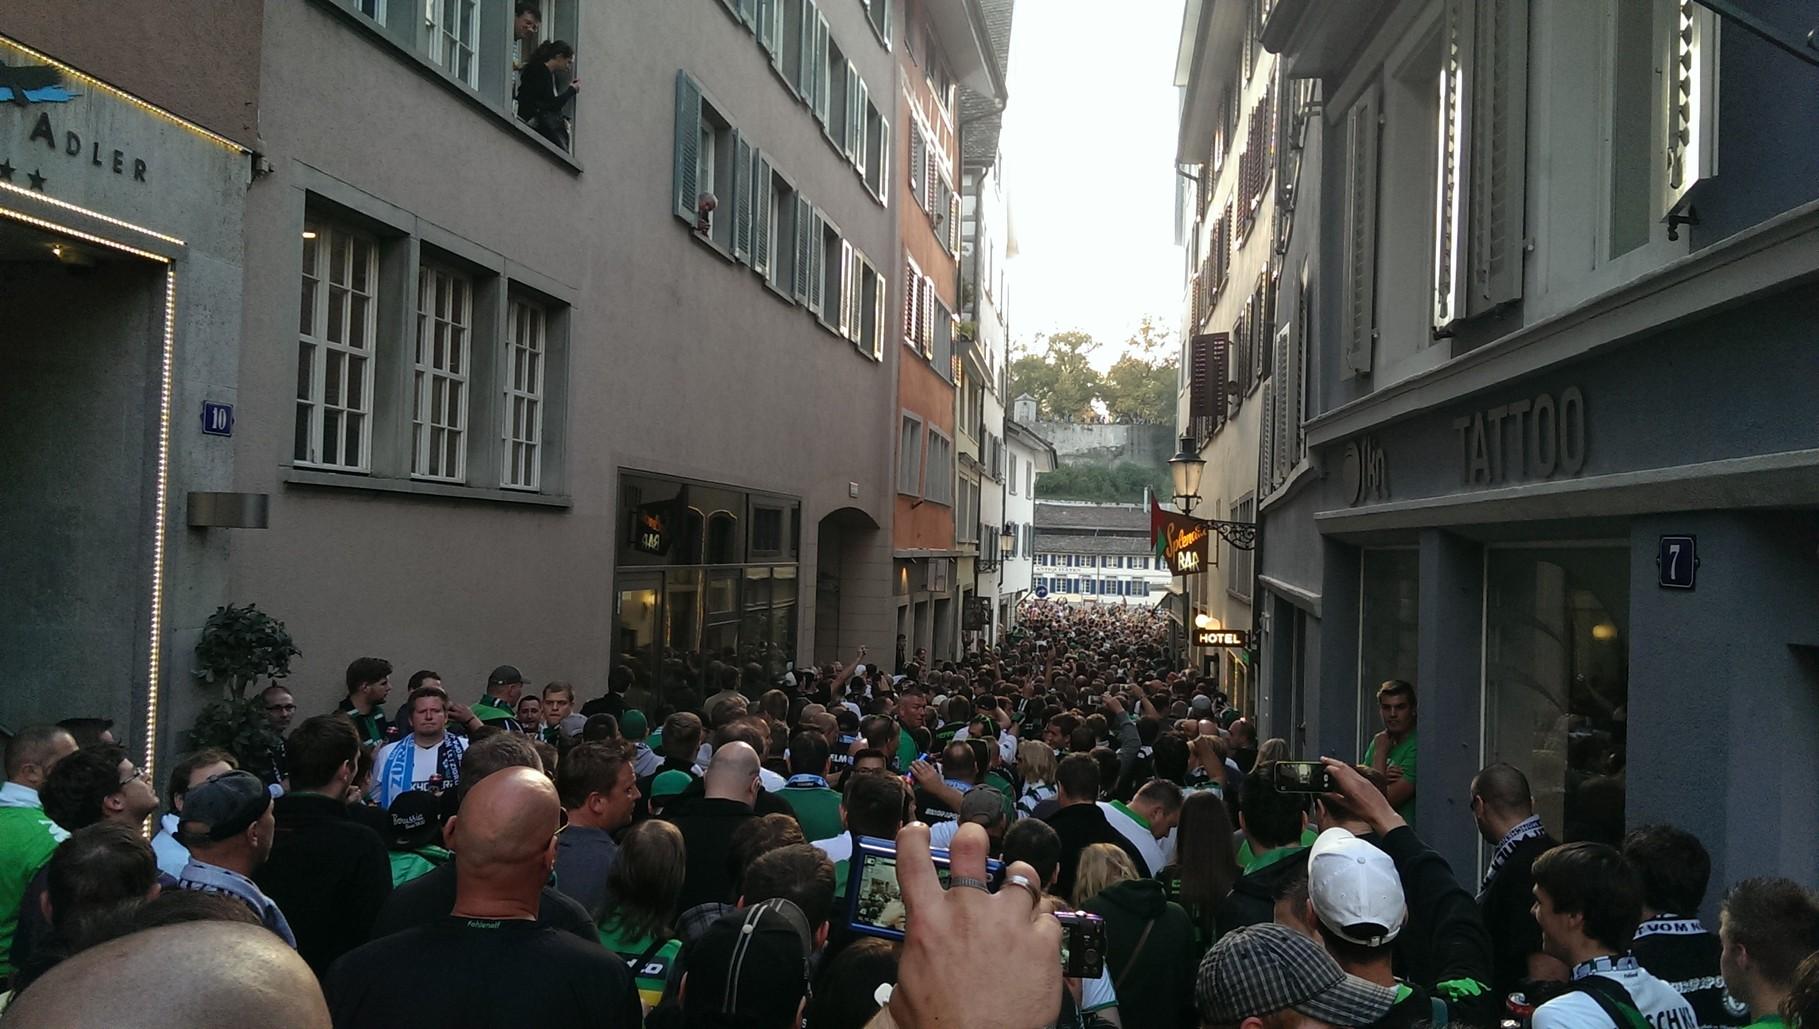 Marsch zum Stadion